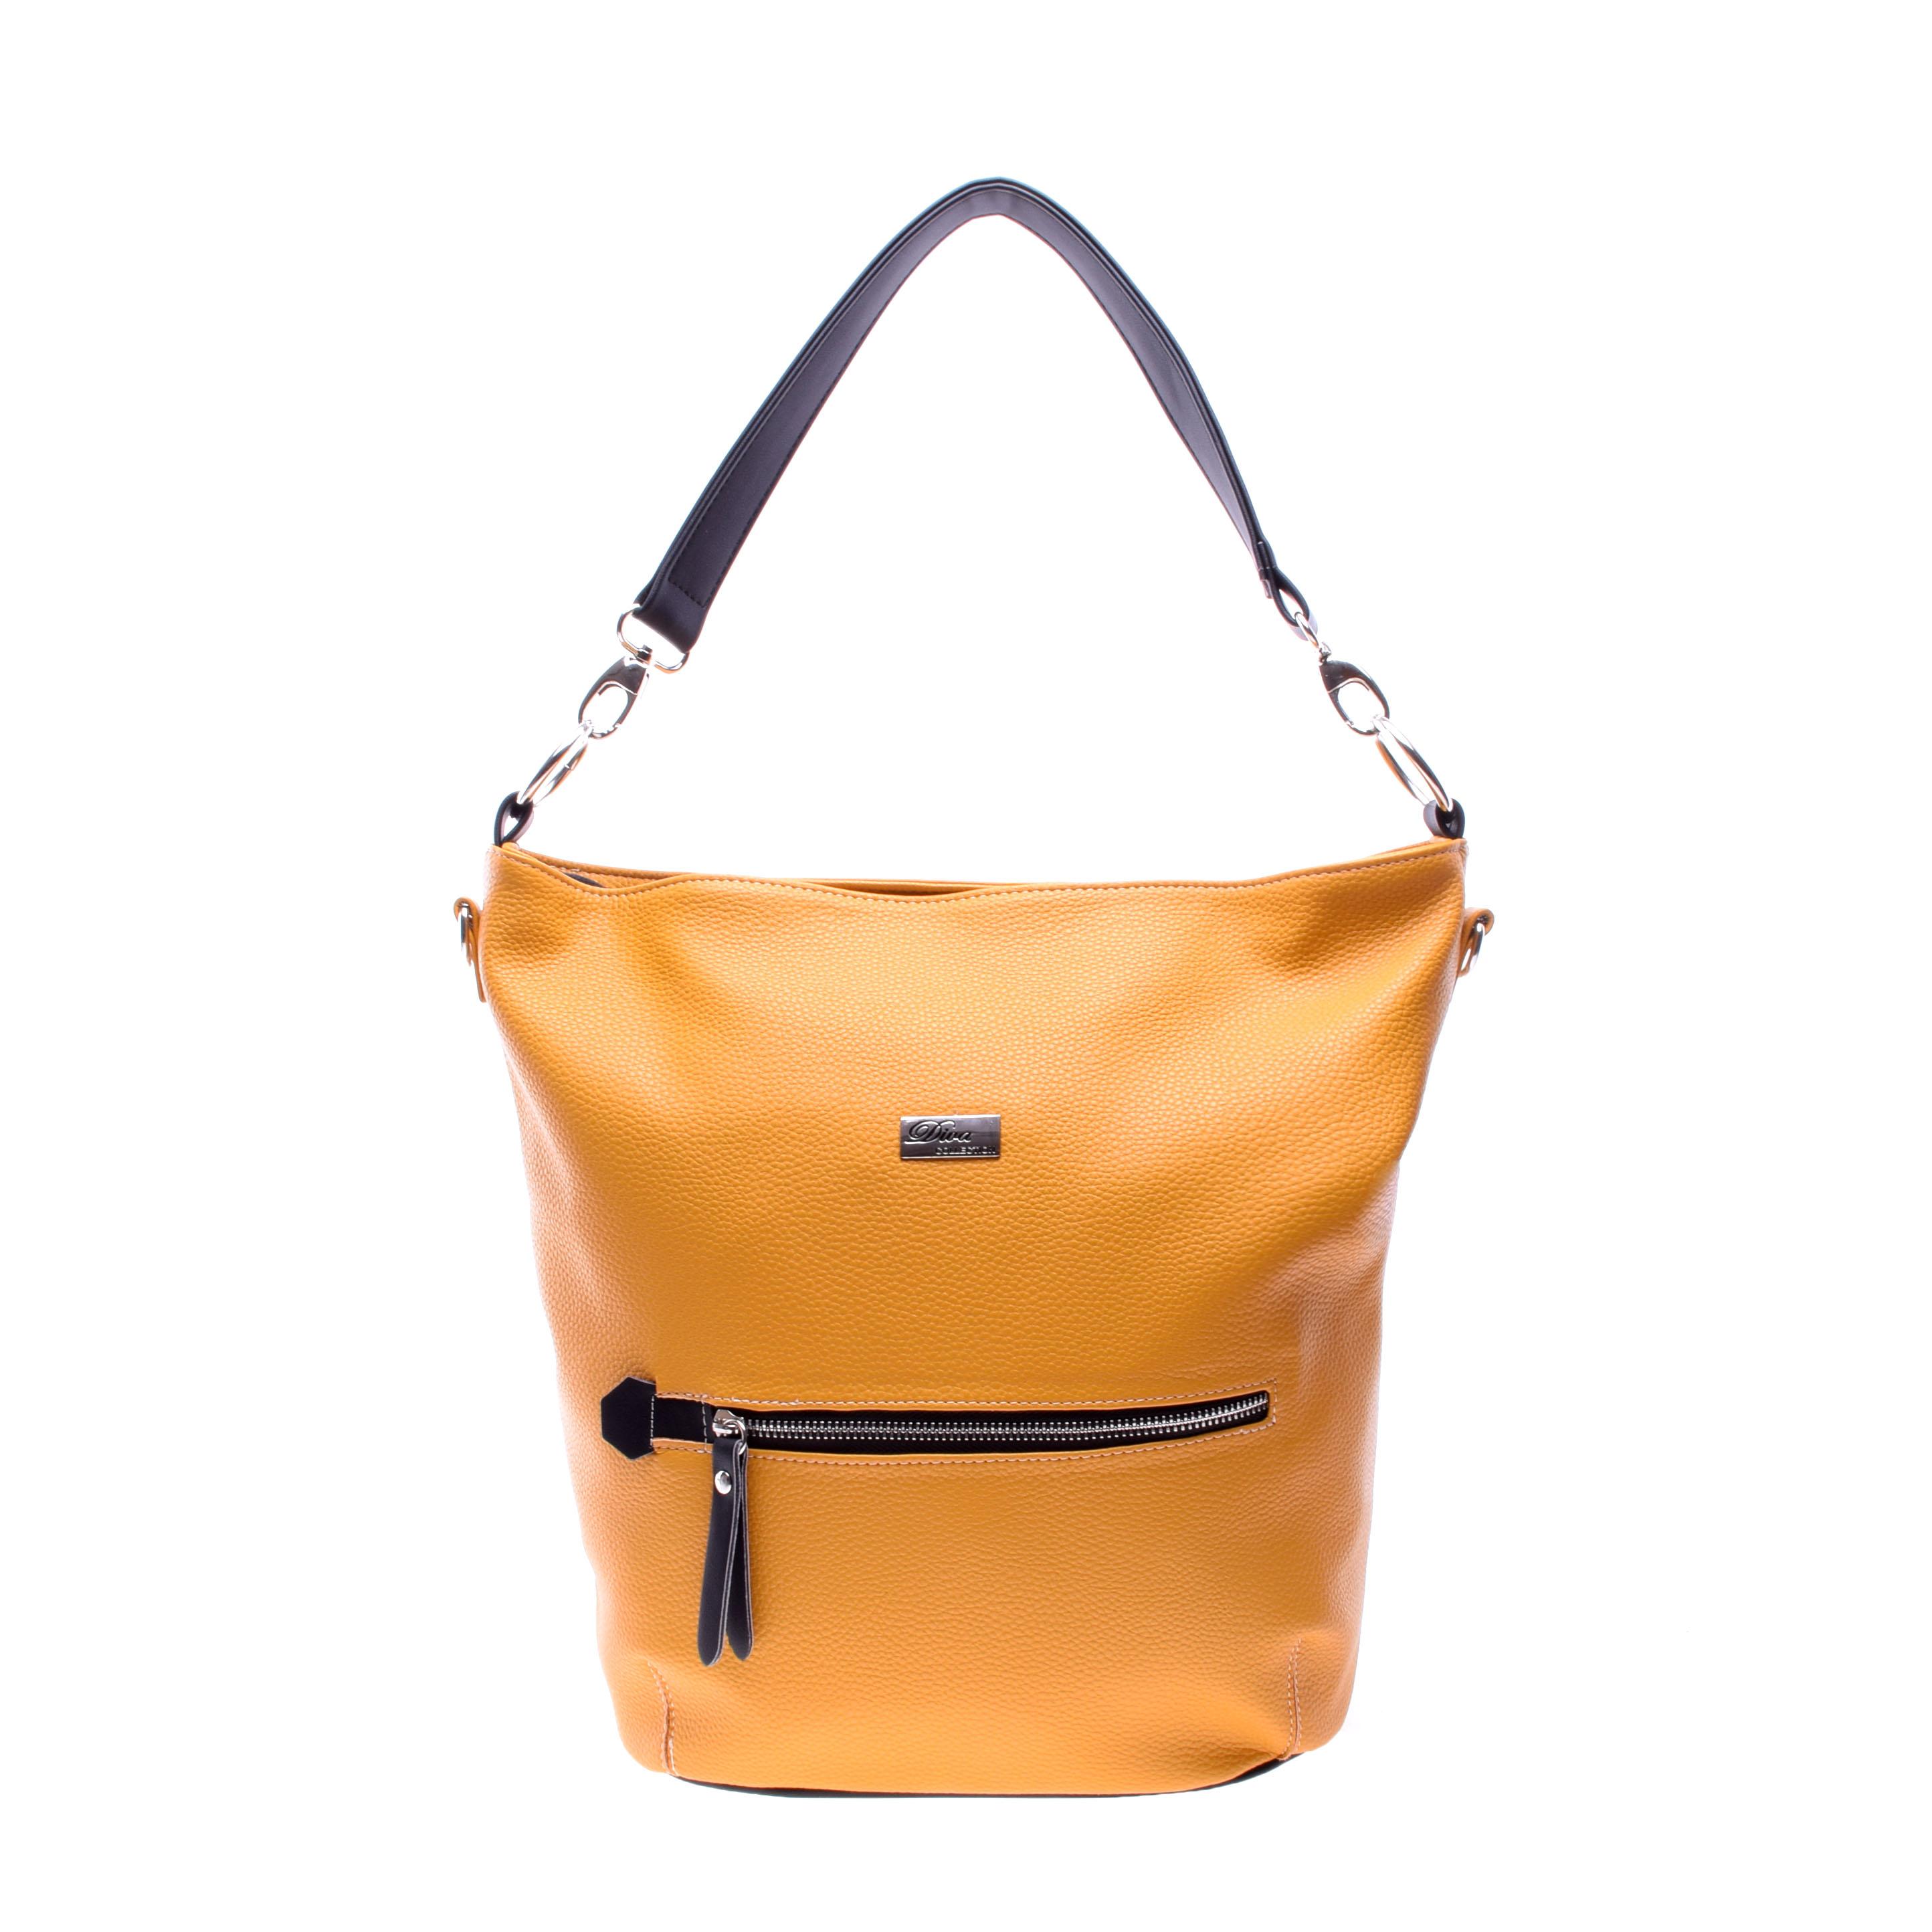 394c40991a Diva Női Műbőr Sárga Válltáska - Válltáskák - Táska webáruház - Minőségi  táskák mindenkinek